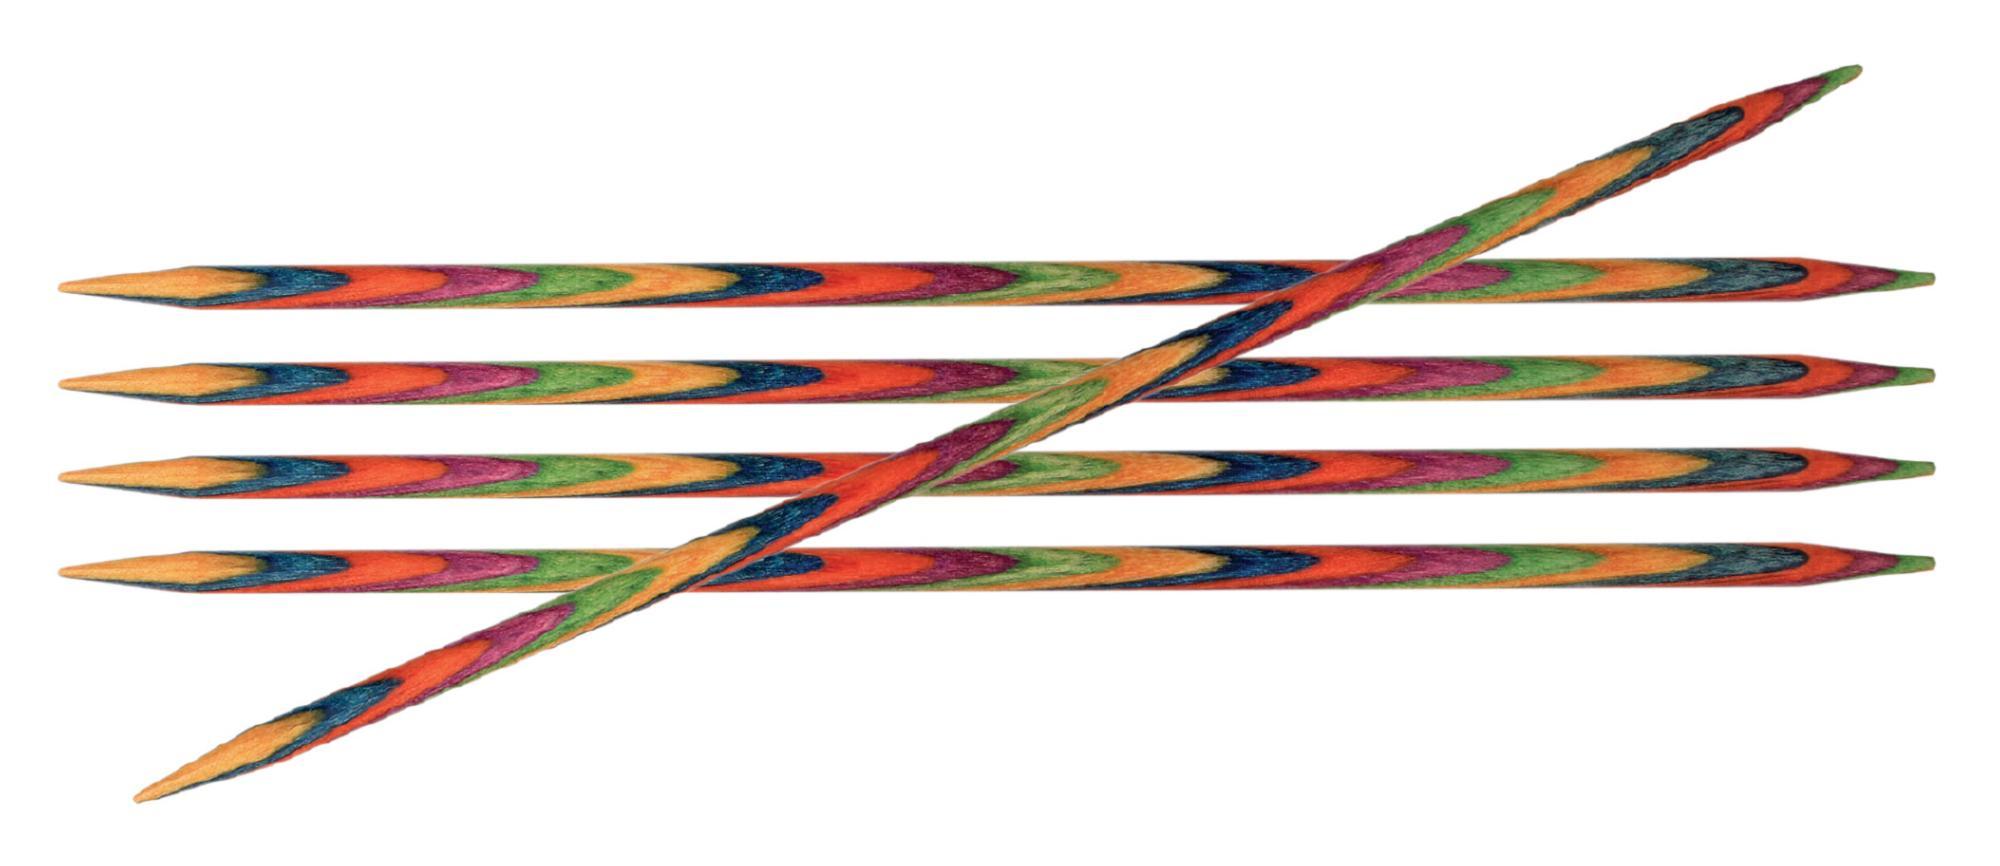 Спицы носочные 15 см Symfonie Wood KnitPro, 20120, 3.50 мм